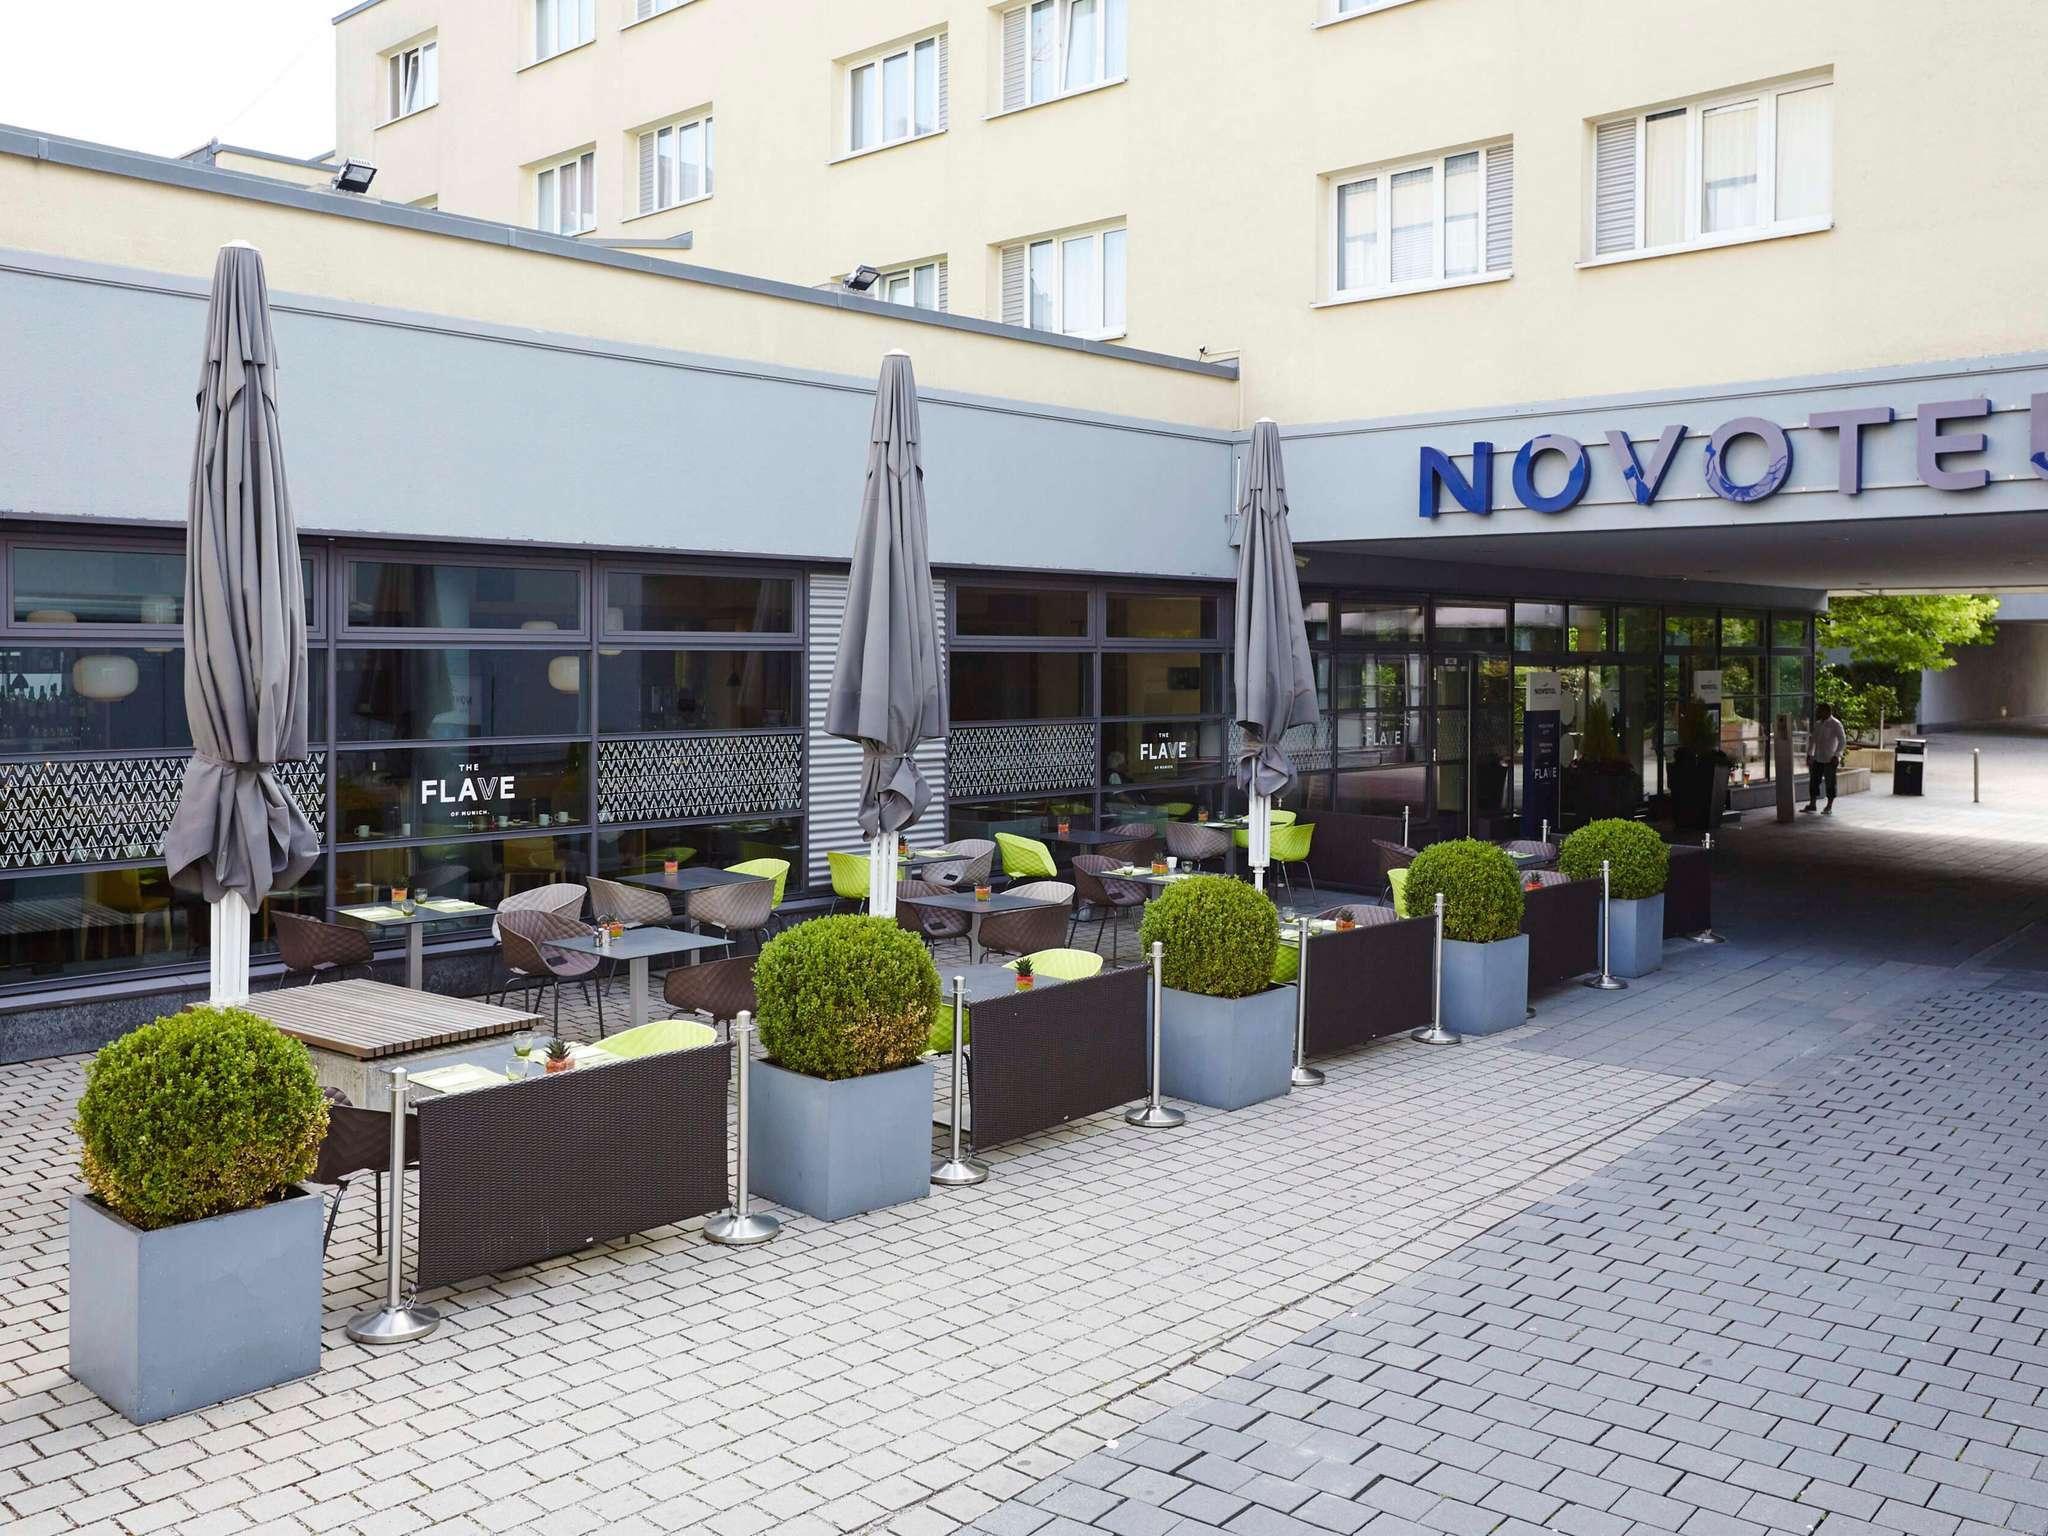 Hotel – Novotel Munique City